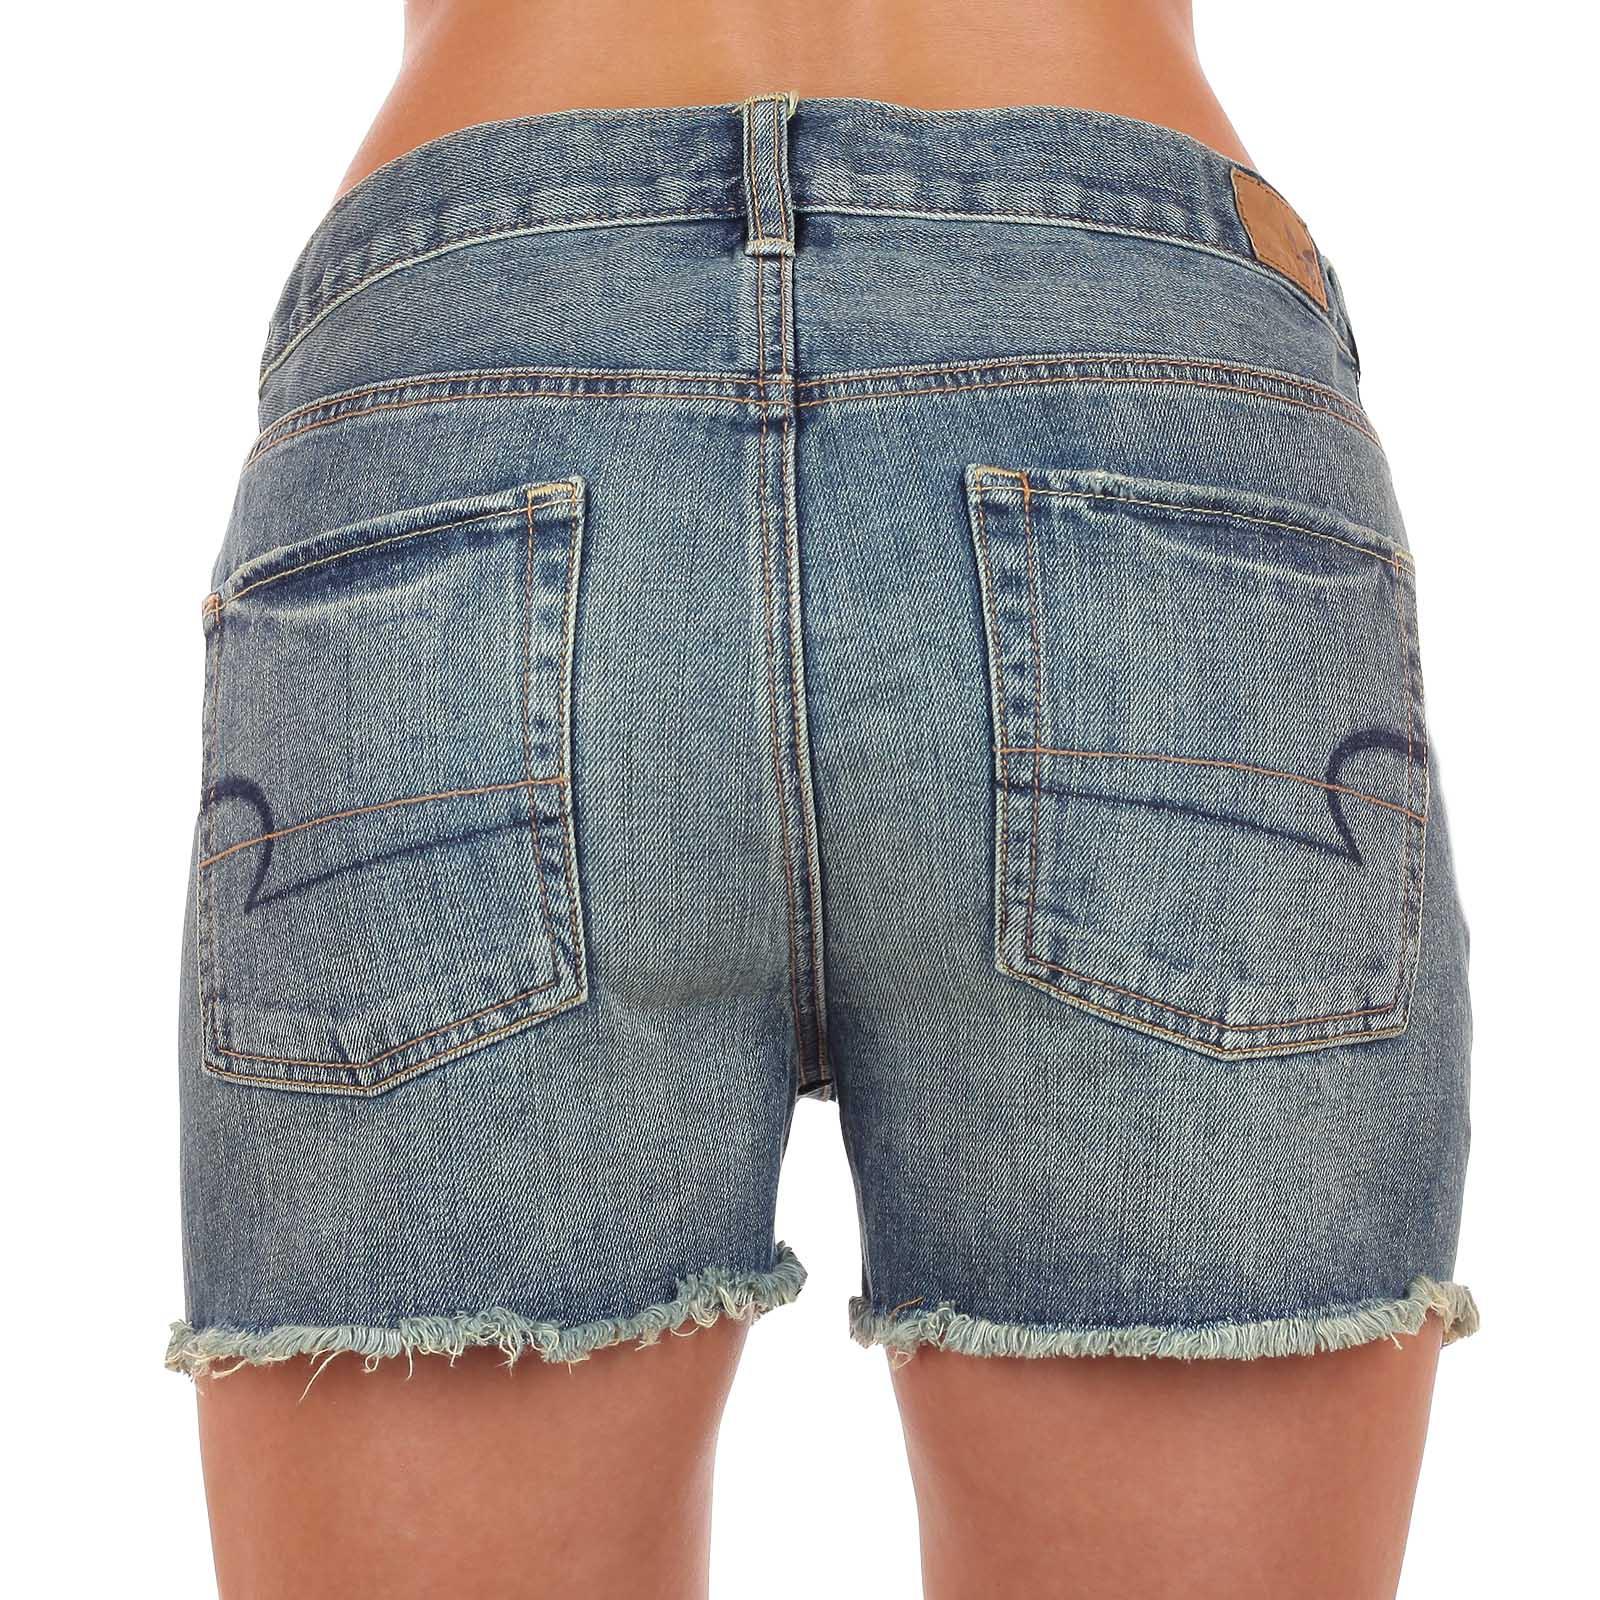 Заказать джинсовые шортики американского бренда с доставкой